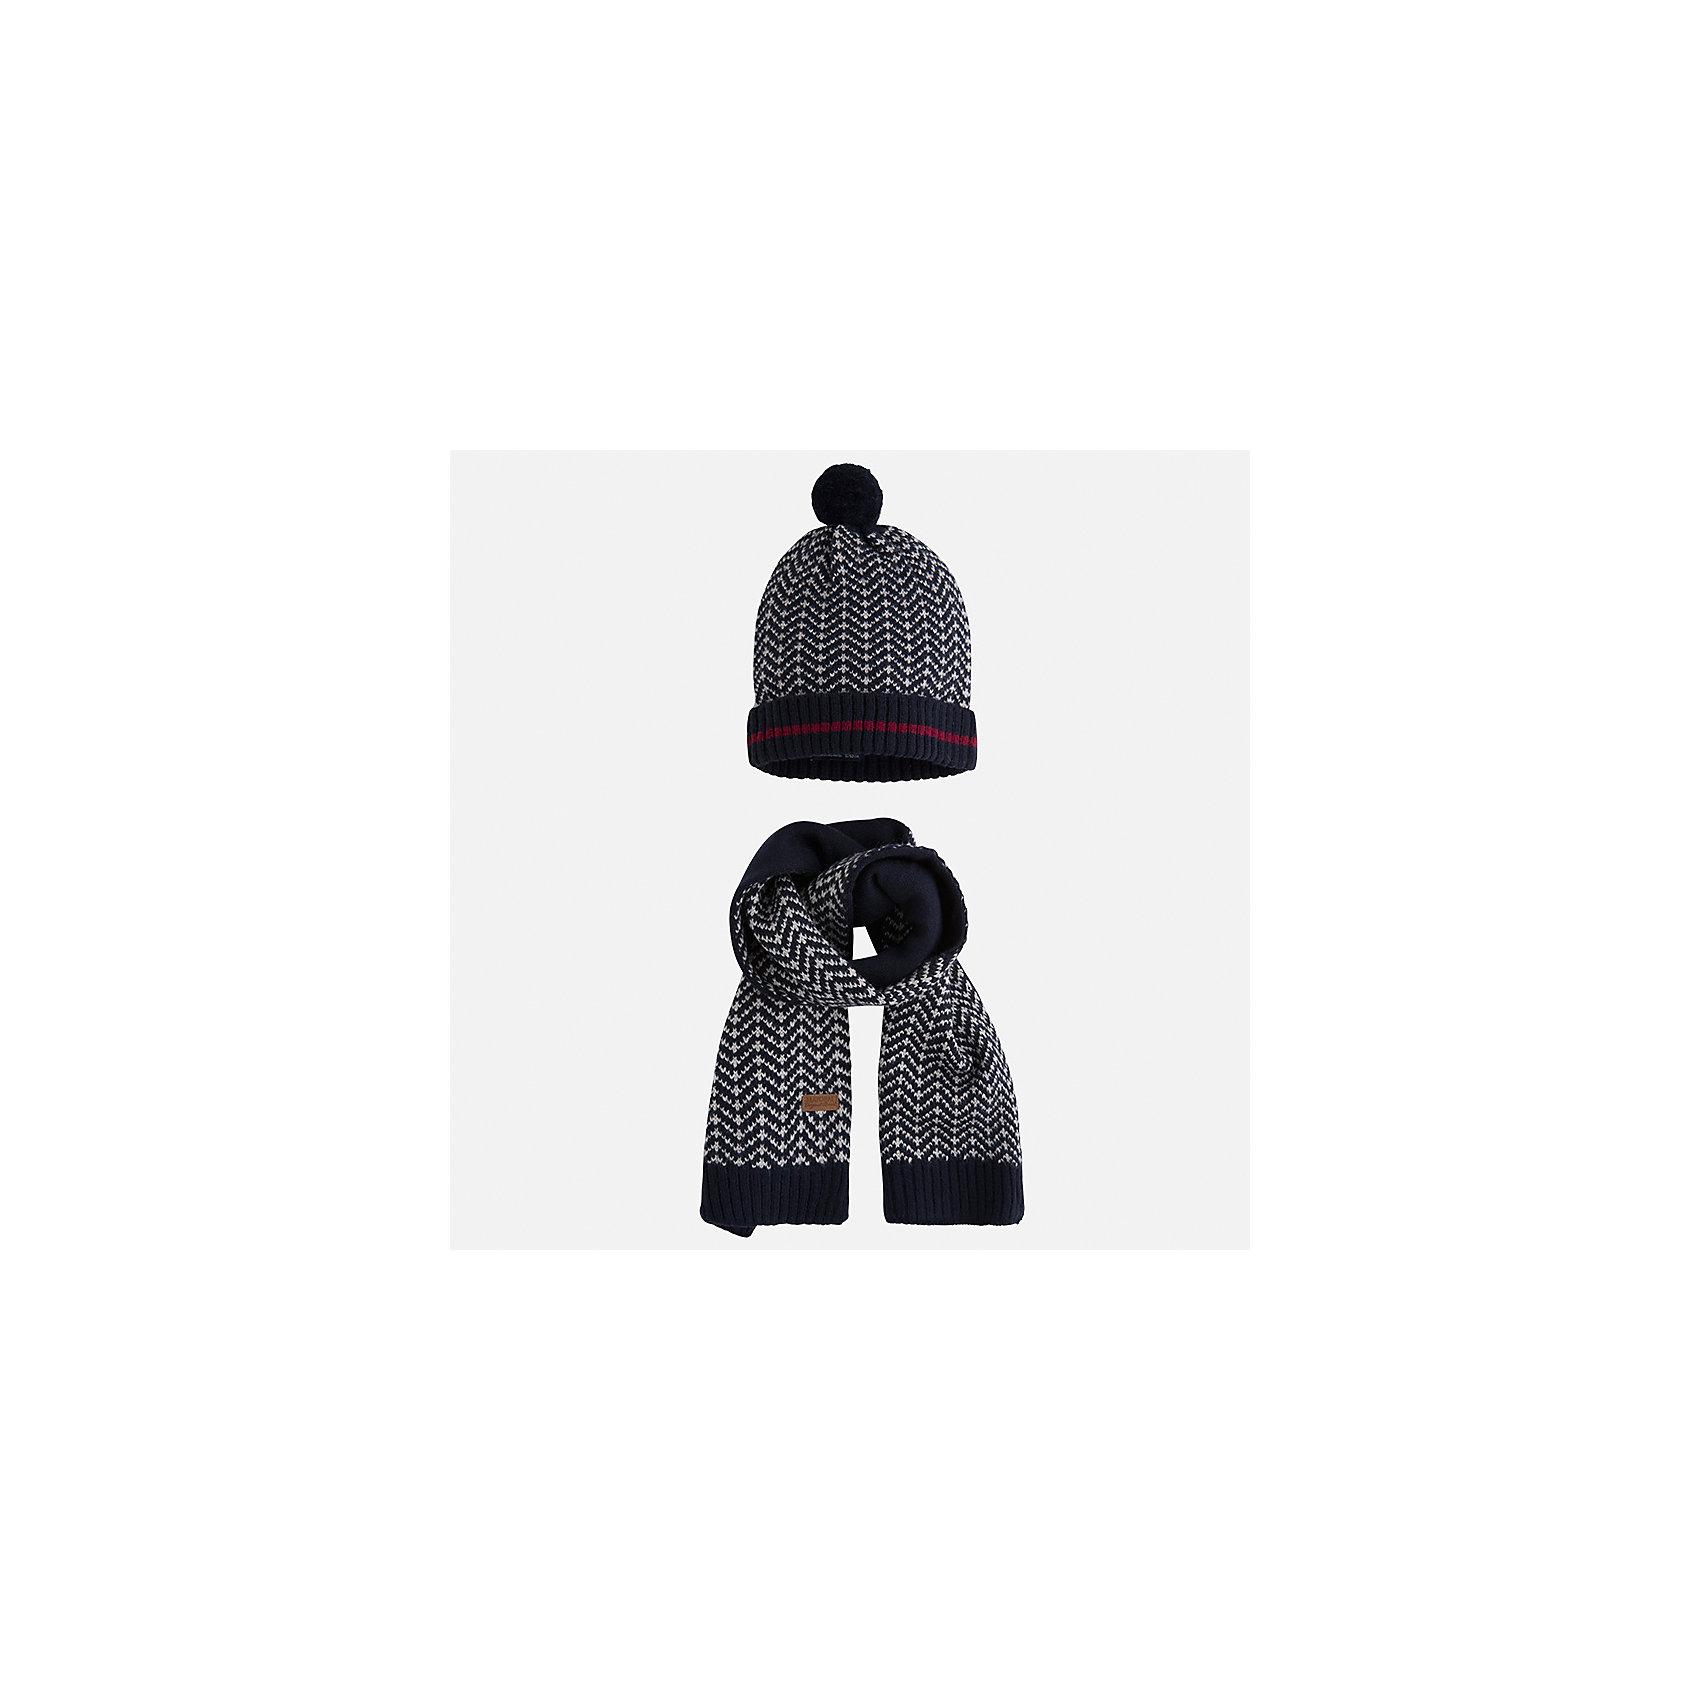 Комплект: шапка и шарф Mayoral для мальчикаШарфы, платки<br>Характеристики товара:<br><br>• цвет: синий<br>• состав ткани: 85% акрил, 15% шерсть<br>• сезон: демисезон<br>• комплектация: шапка, шарф<br>• страна бренда: Испания<br>• страна изготовитель: Индия<br><br>Этот стильный набор из шапки и шарфа поможет обеспечить ребенку тепло и комфорт. Детский демисезонный комплект от бренда Майорал смотрится модно и оригинально. Шапка и шарф от испанской компании Mayoral отличаются оригинальным и стильным дизайном. Качество продукции неизменно очень высокое.<br><br>Комплект: шапка и шарф для мальчика Mayoral (Майорал) можно купить в нашем интернет-магазине.<br><br>Ширина мм: 89<br>Глубина мм: 117<br>Высота мм: 44<br>Вес г: 155<br>Цвет: синий<br>Возраст от месяцев: 72<br>Возраст до месяцев: 84<br>Пол: Мужской<br>Возраст: Детский<br>Размер: 54,50,52<br>SKU: 6939248